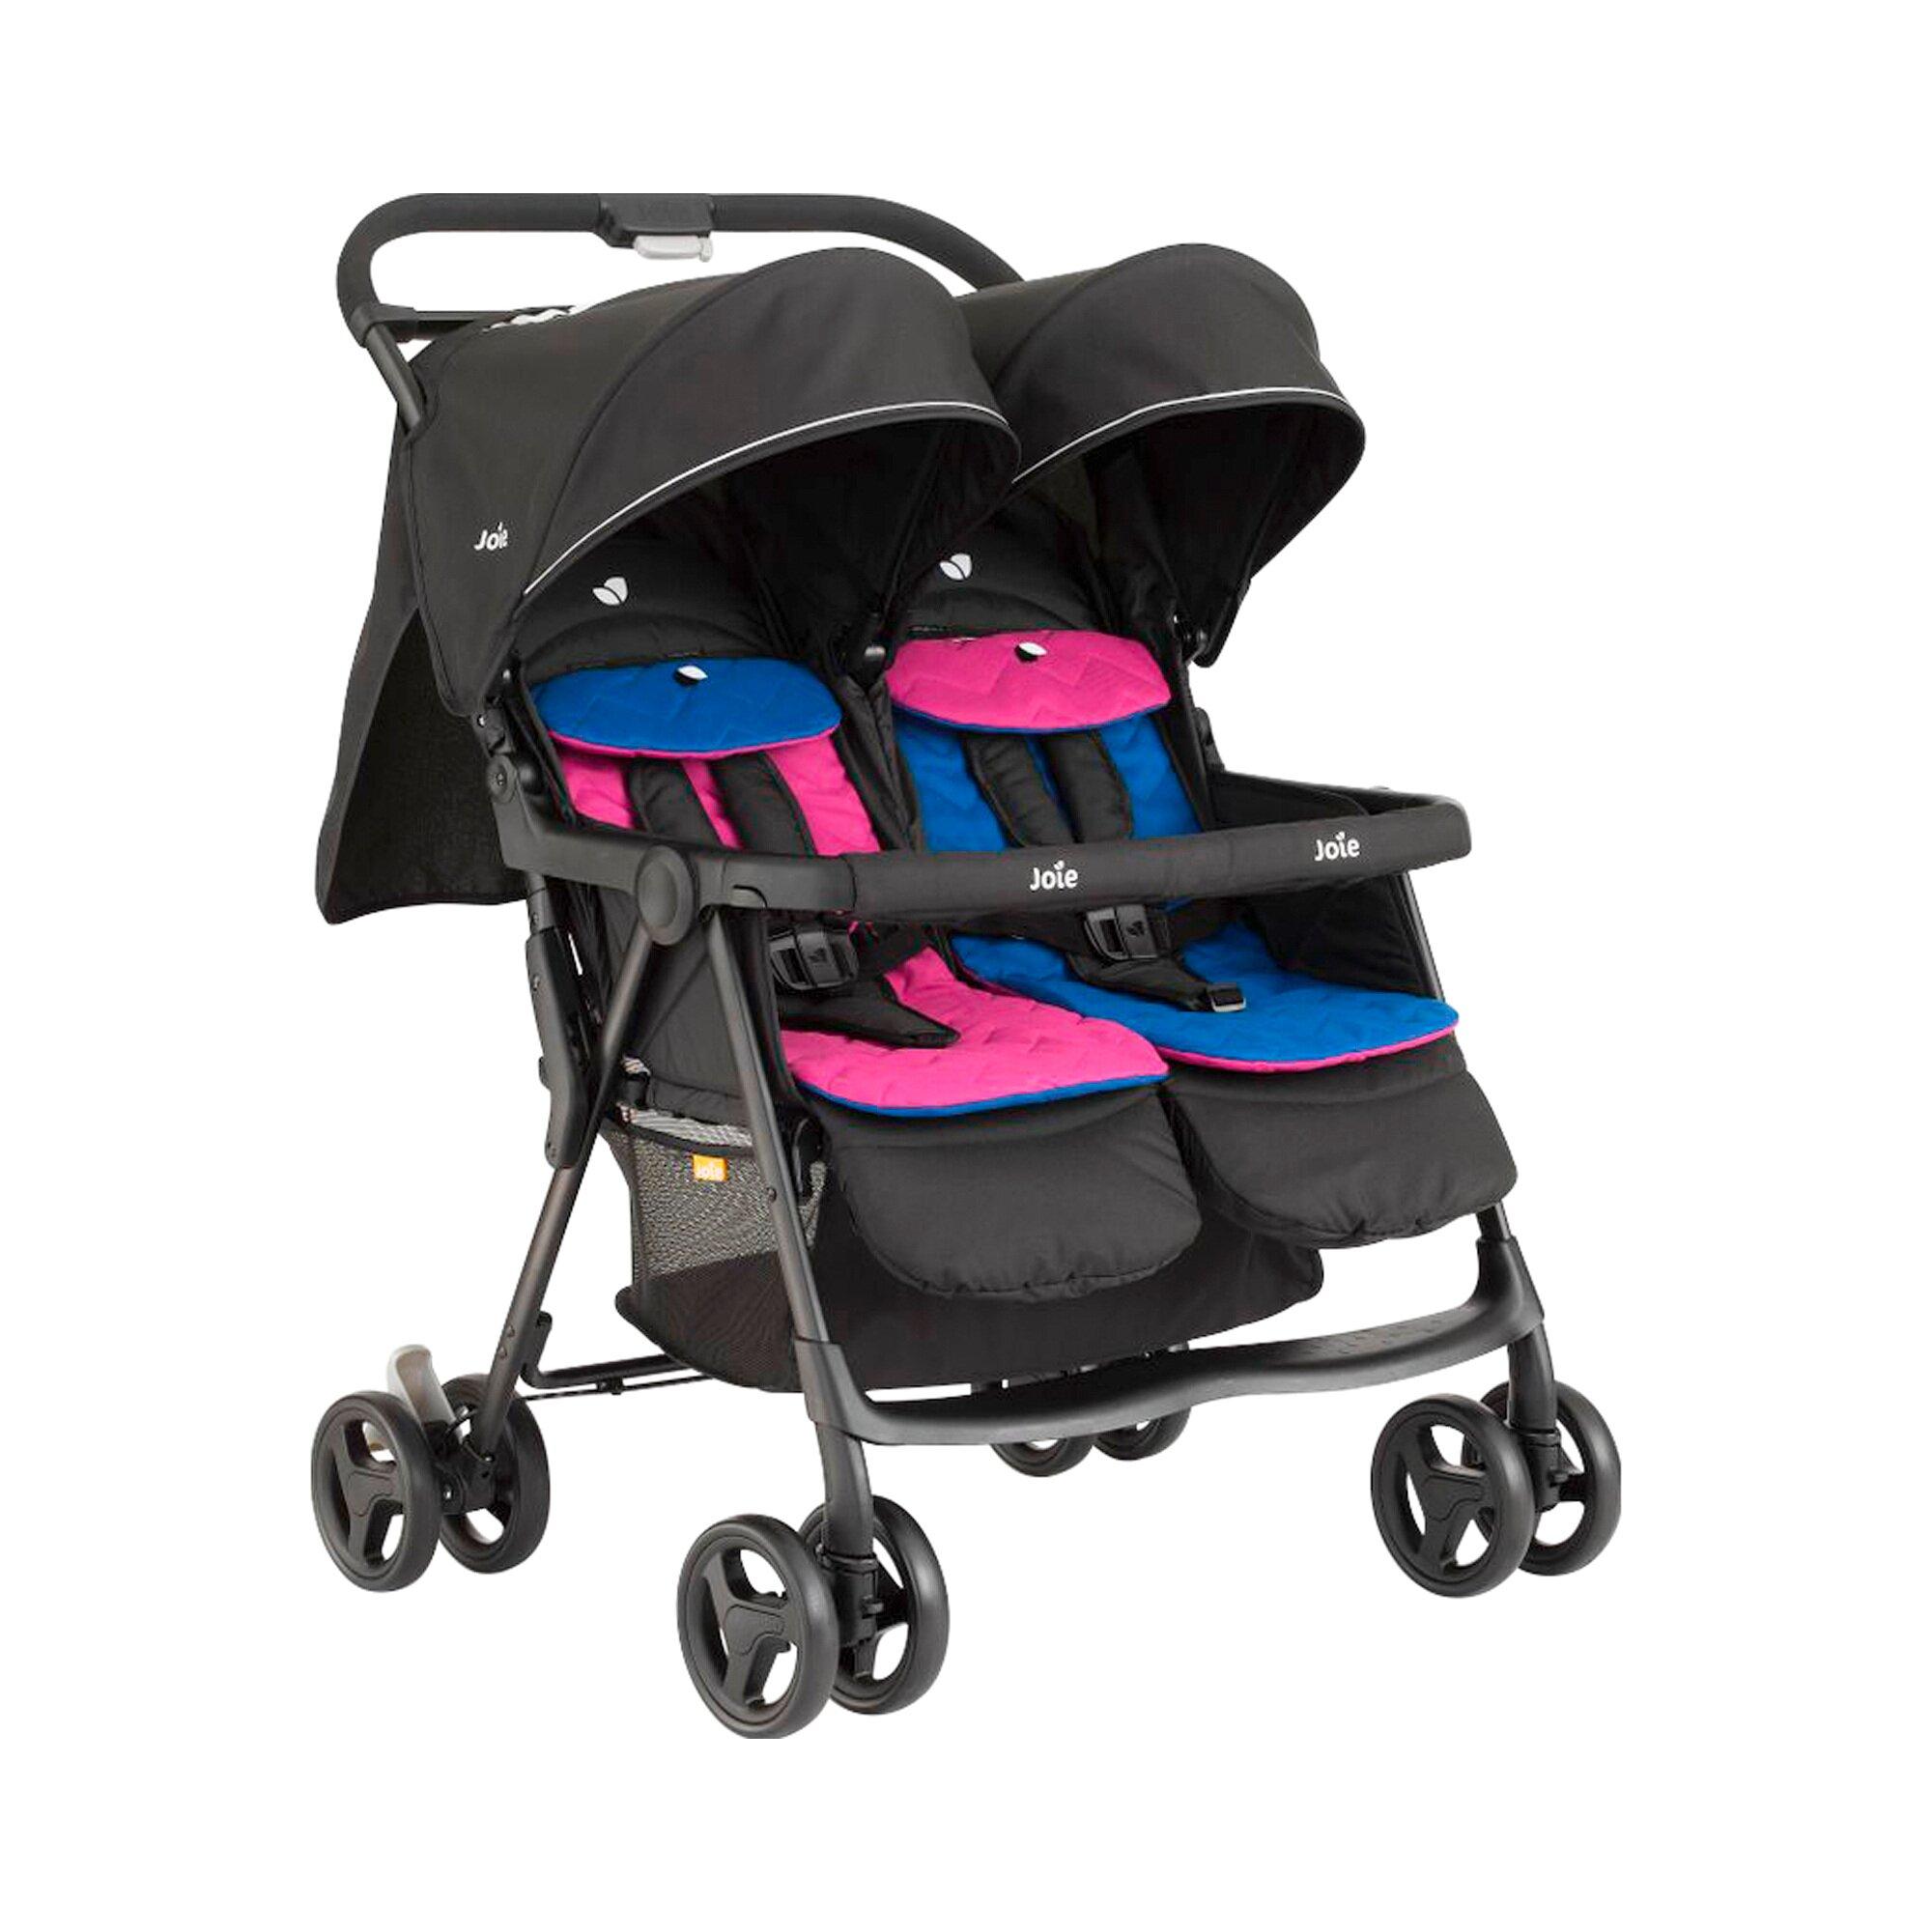 joie-kinderwagen-zwillingswagen-aire-twin-mehrfarbig